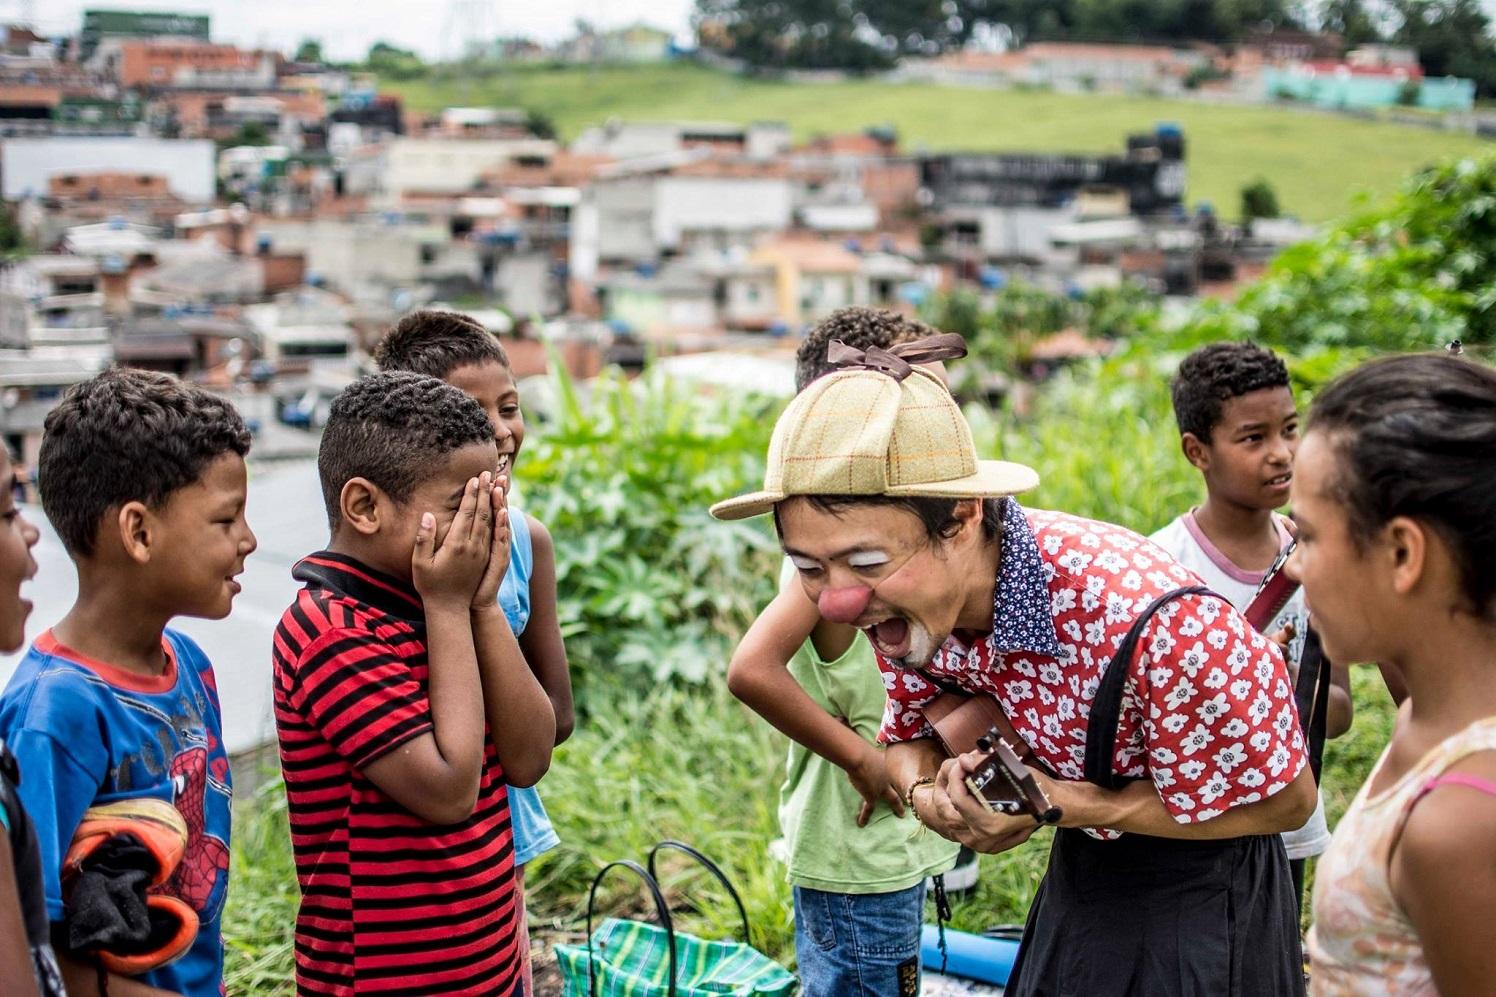 Os Palhaços Sem Fronteiras estão em 15 países do mundo e chegaram ao Brasil há apenas um ano. Foto Ricardo Avelar